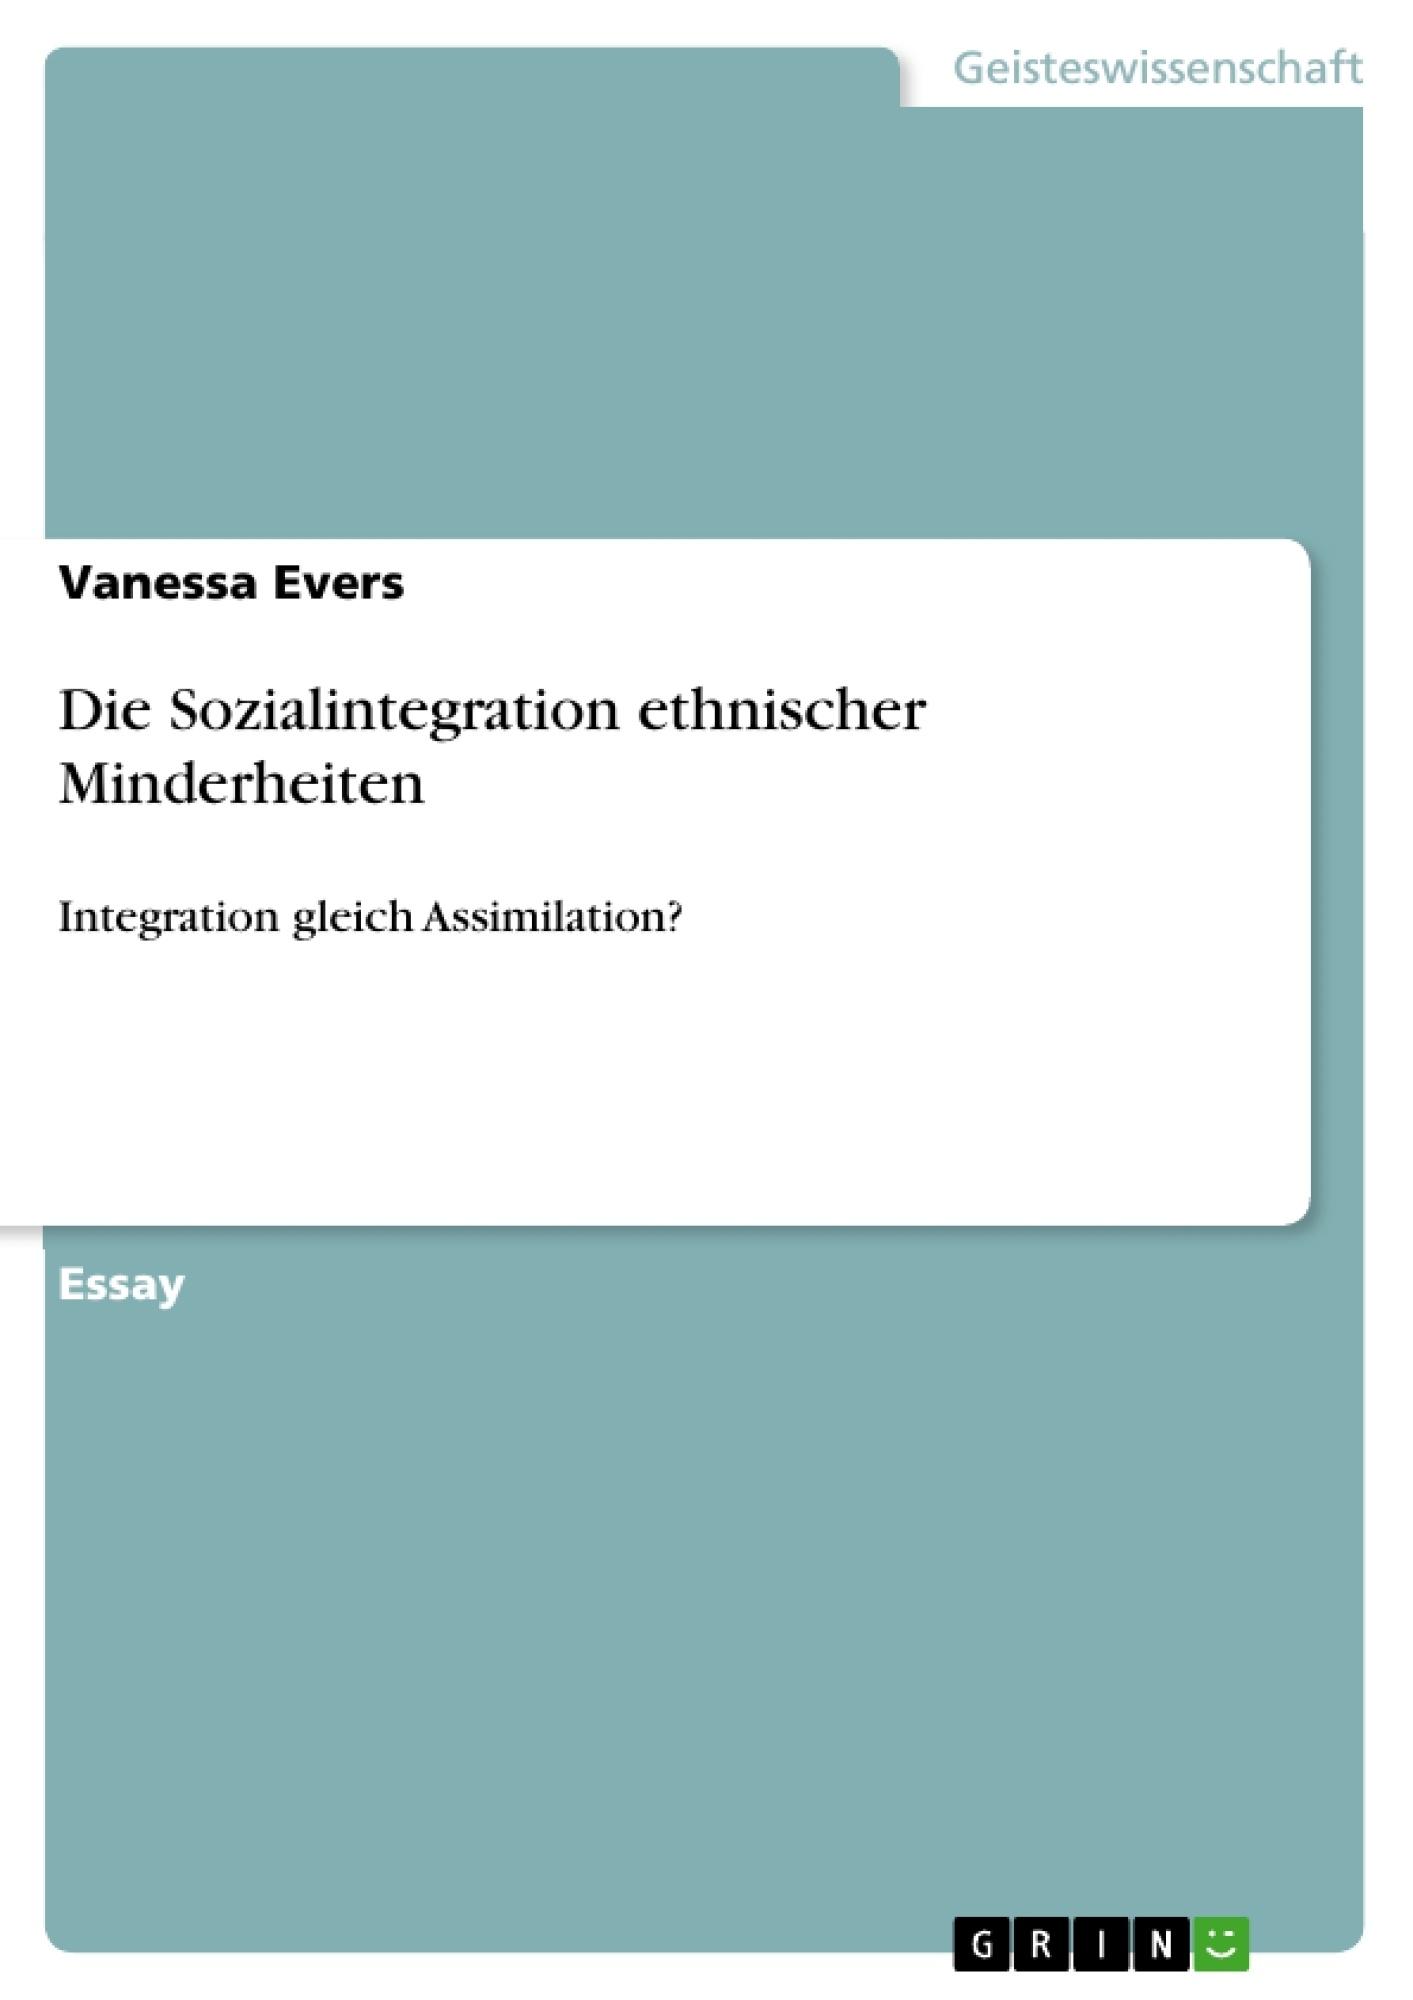 Titel: Die Sozialintegration ethnischer Minderheiten